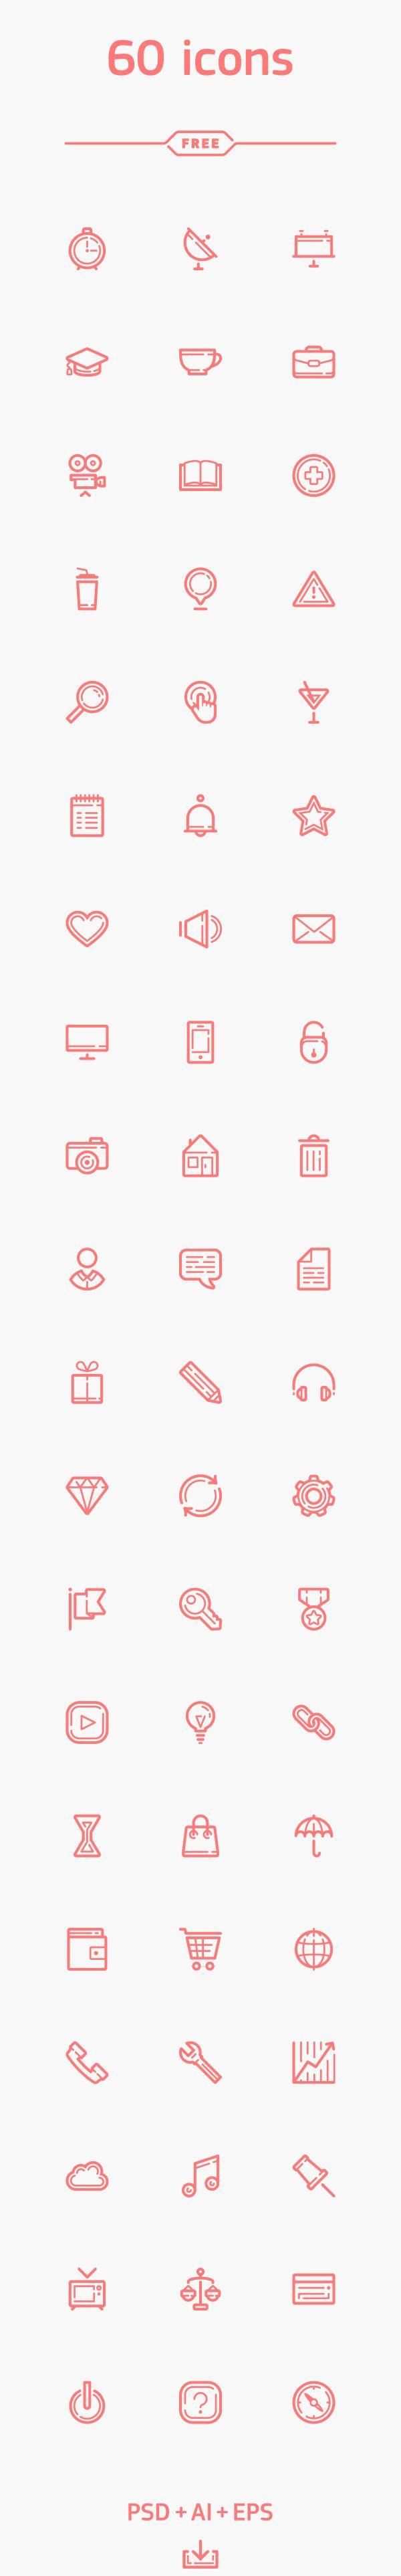 60 Icons für klassische Webprojekte und mehr